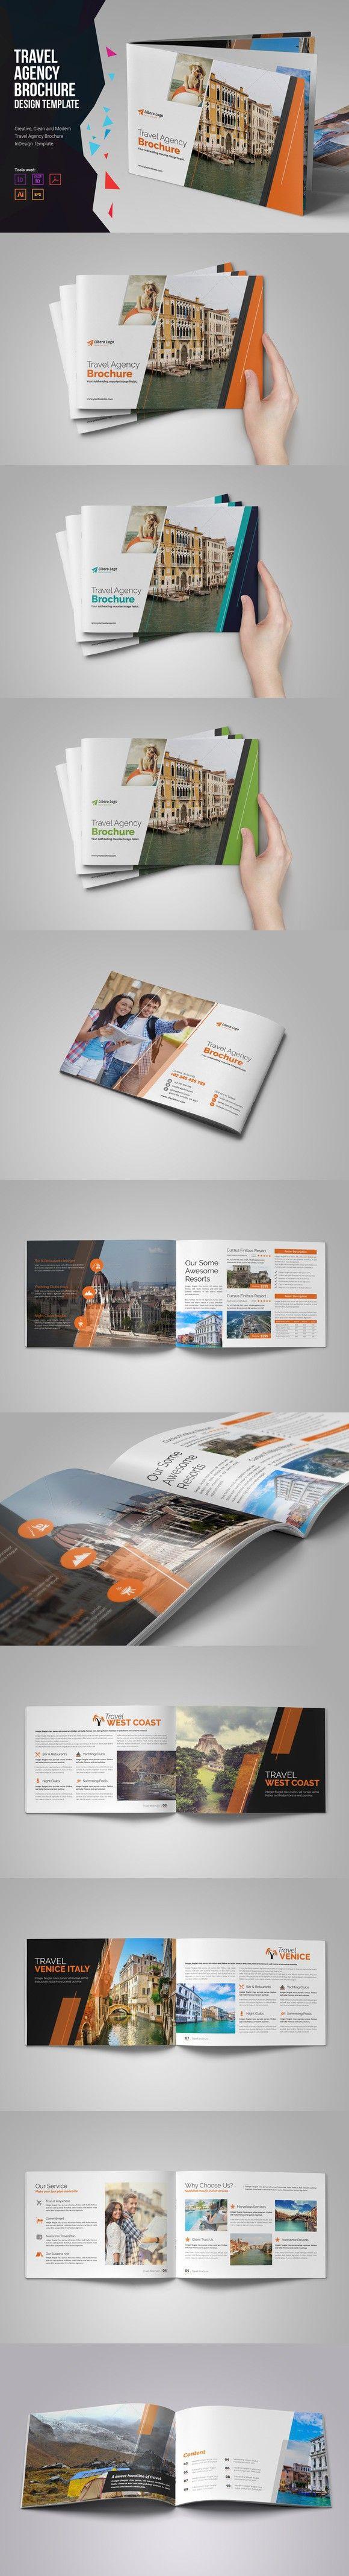 Holiday Travel Brochure Design v1